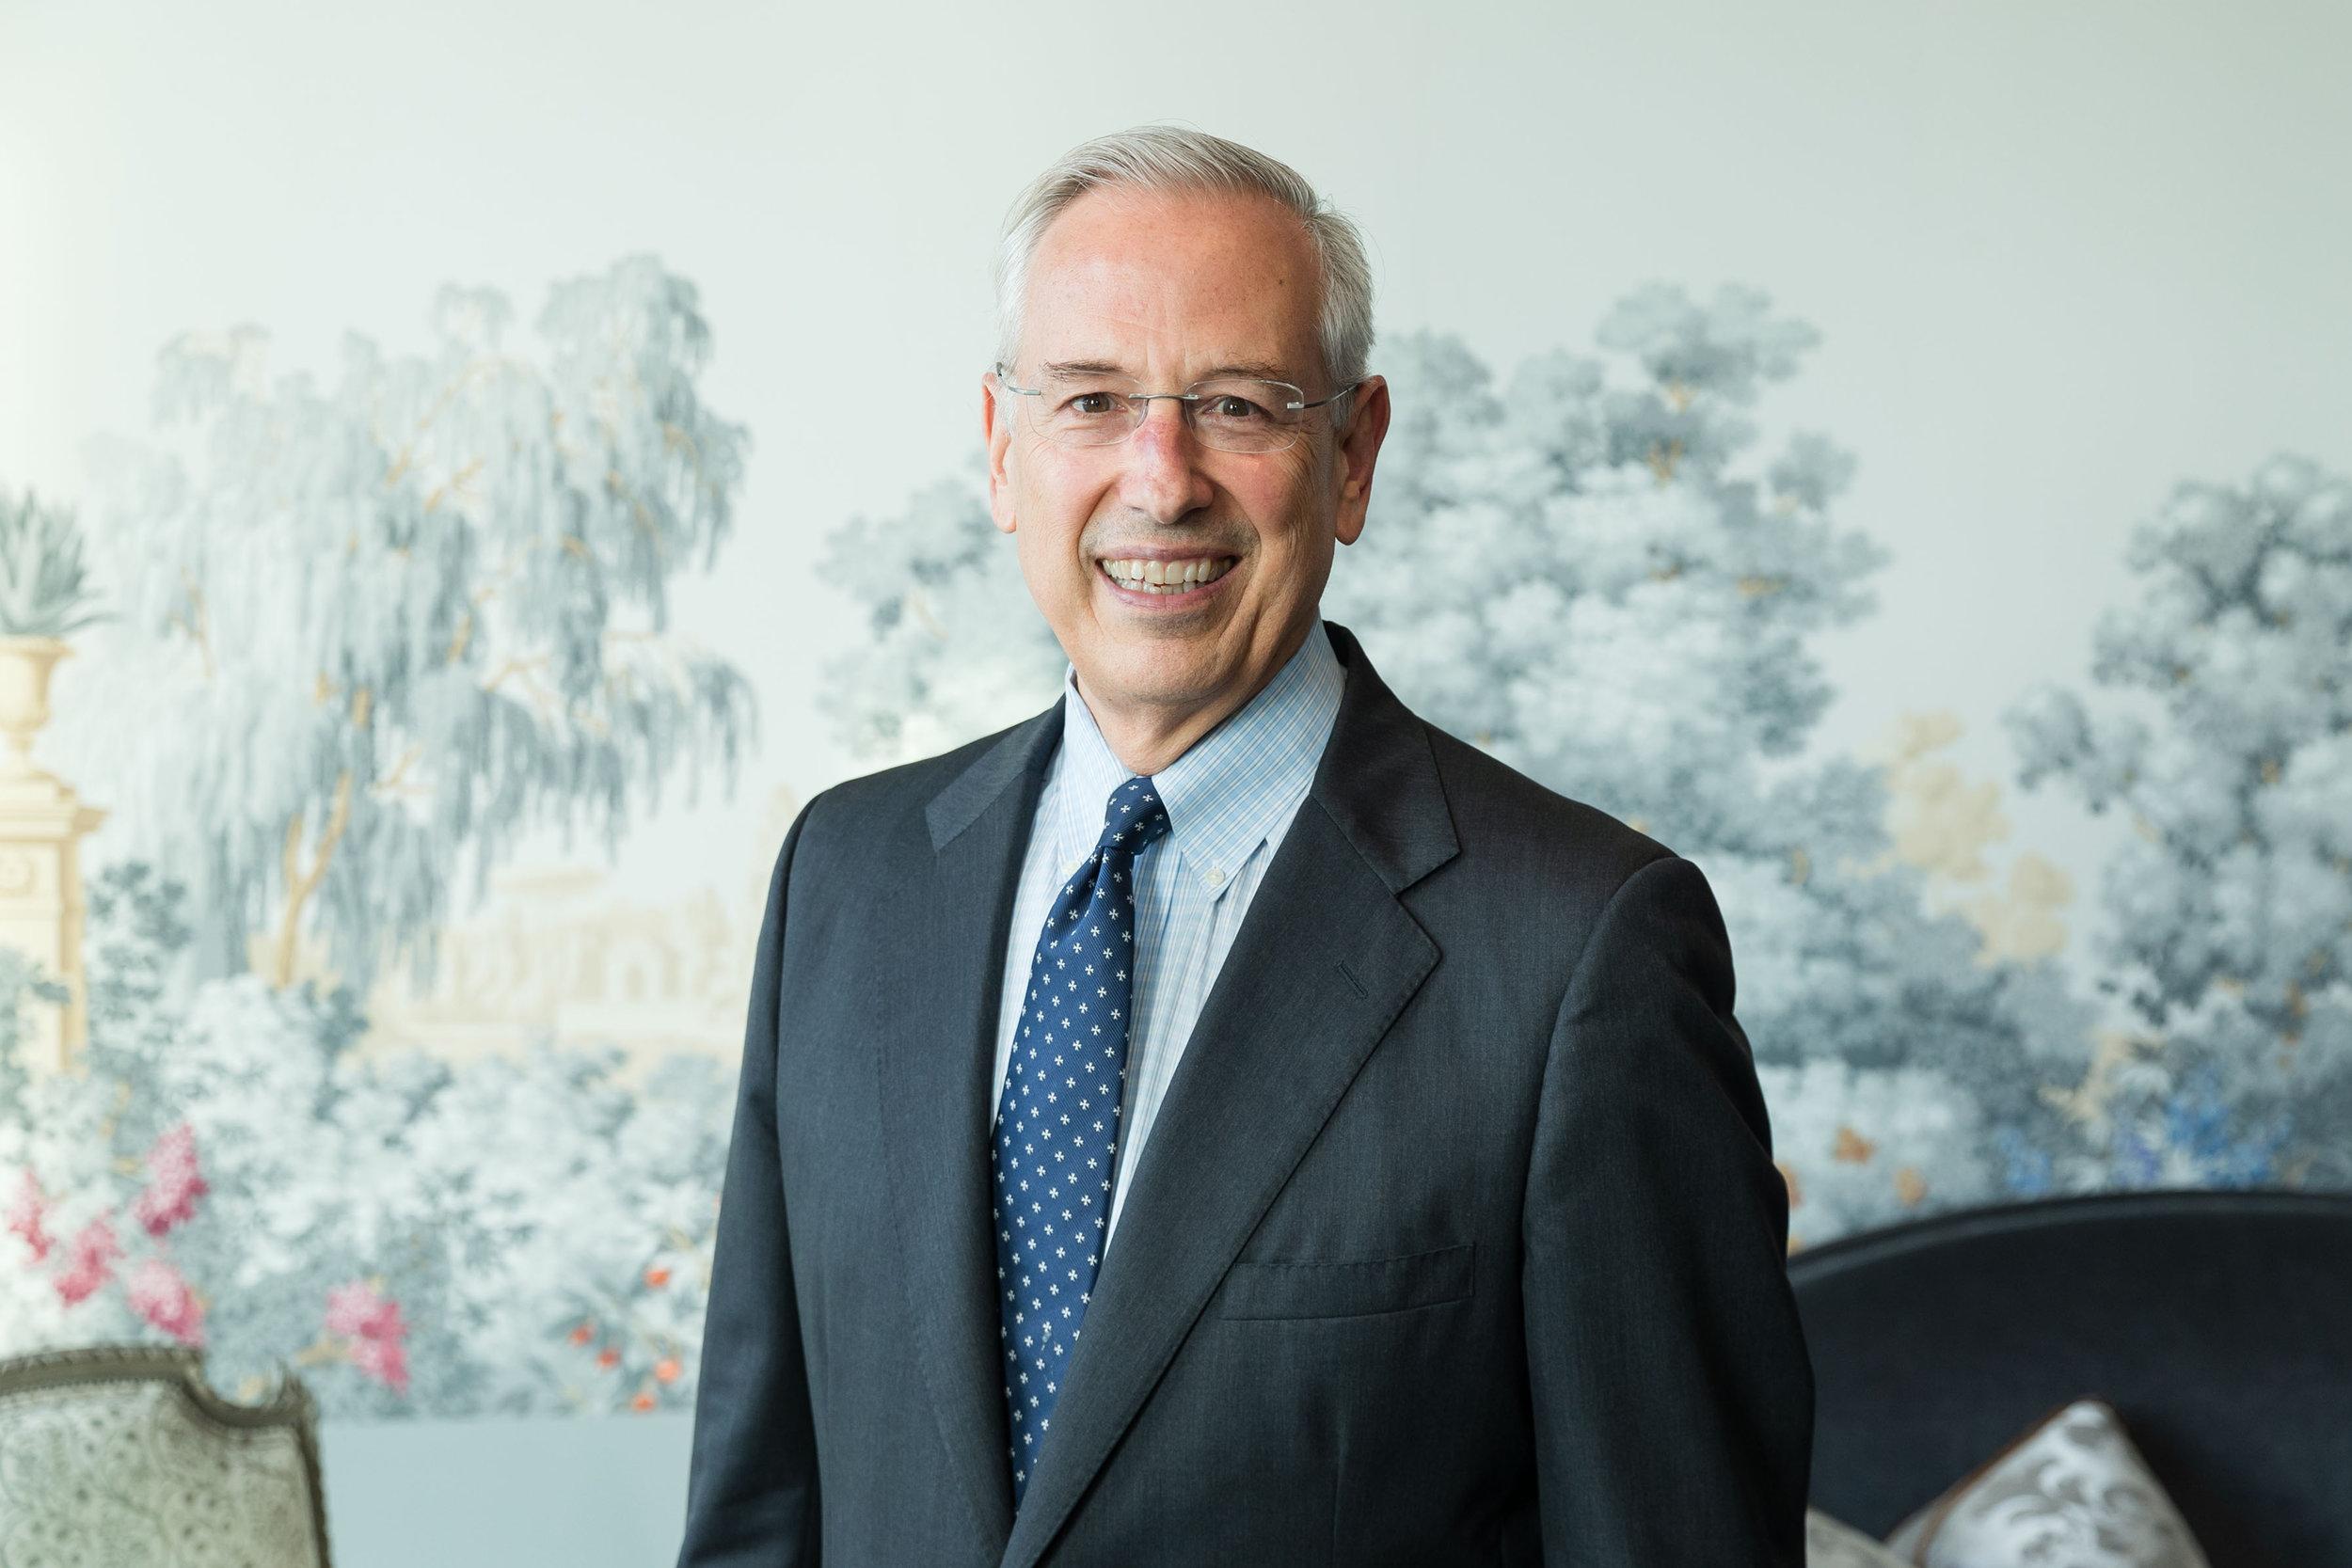 William J. Cumbelich, KM<br><em> Executive Vice President, CBRE </em>